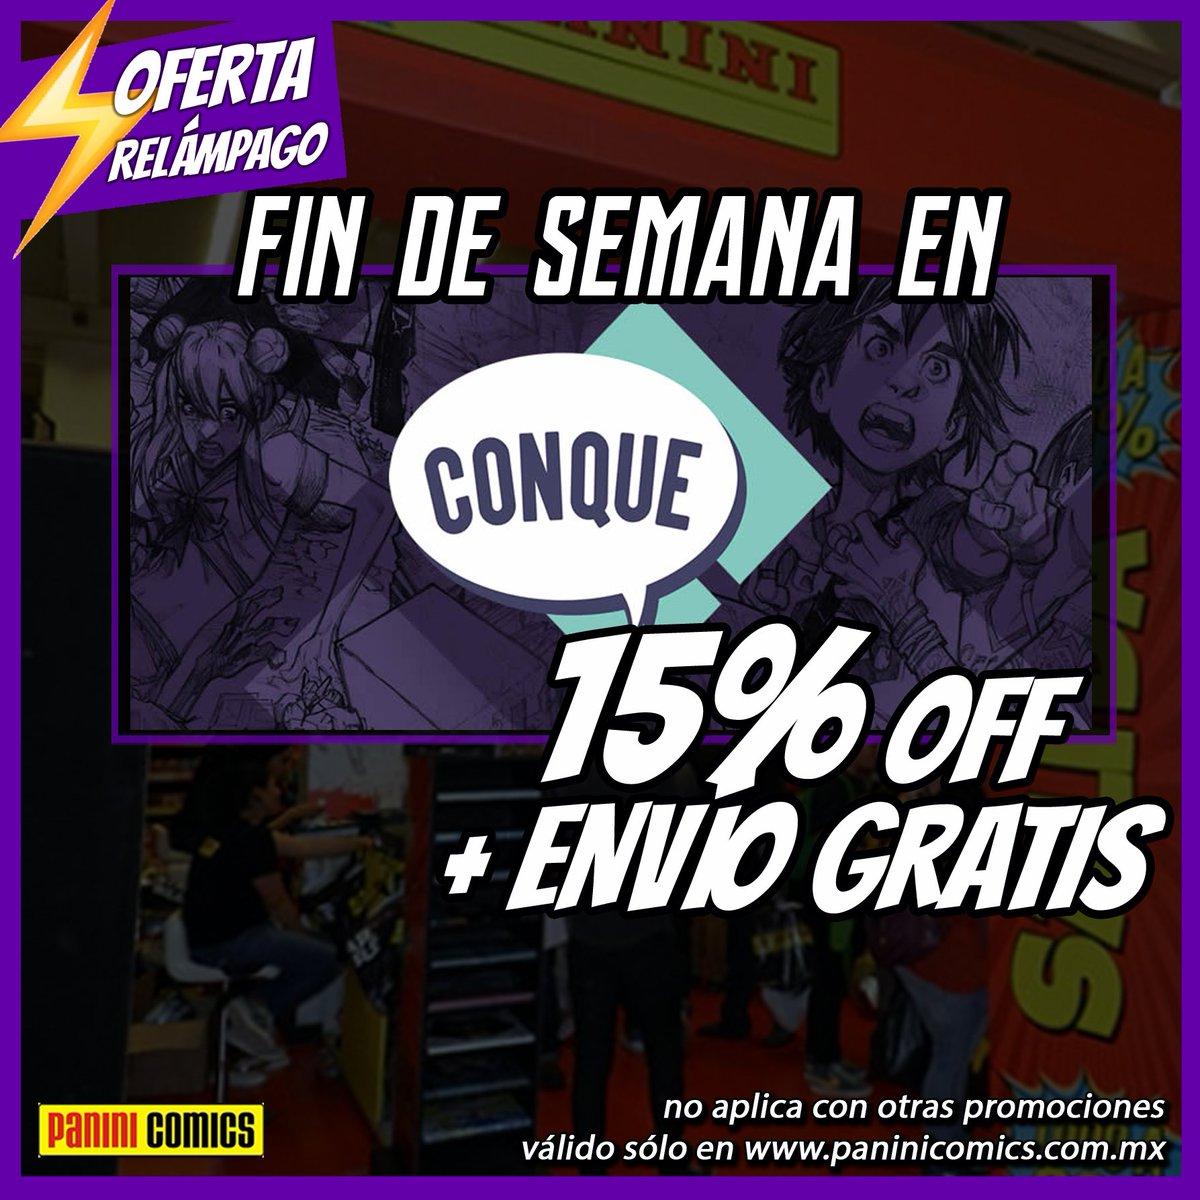 Y para festejarlo tenemos 15% de descuento en toda la tienda en línea más  envío GRATIS. Aprovecha c71669b98d6